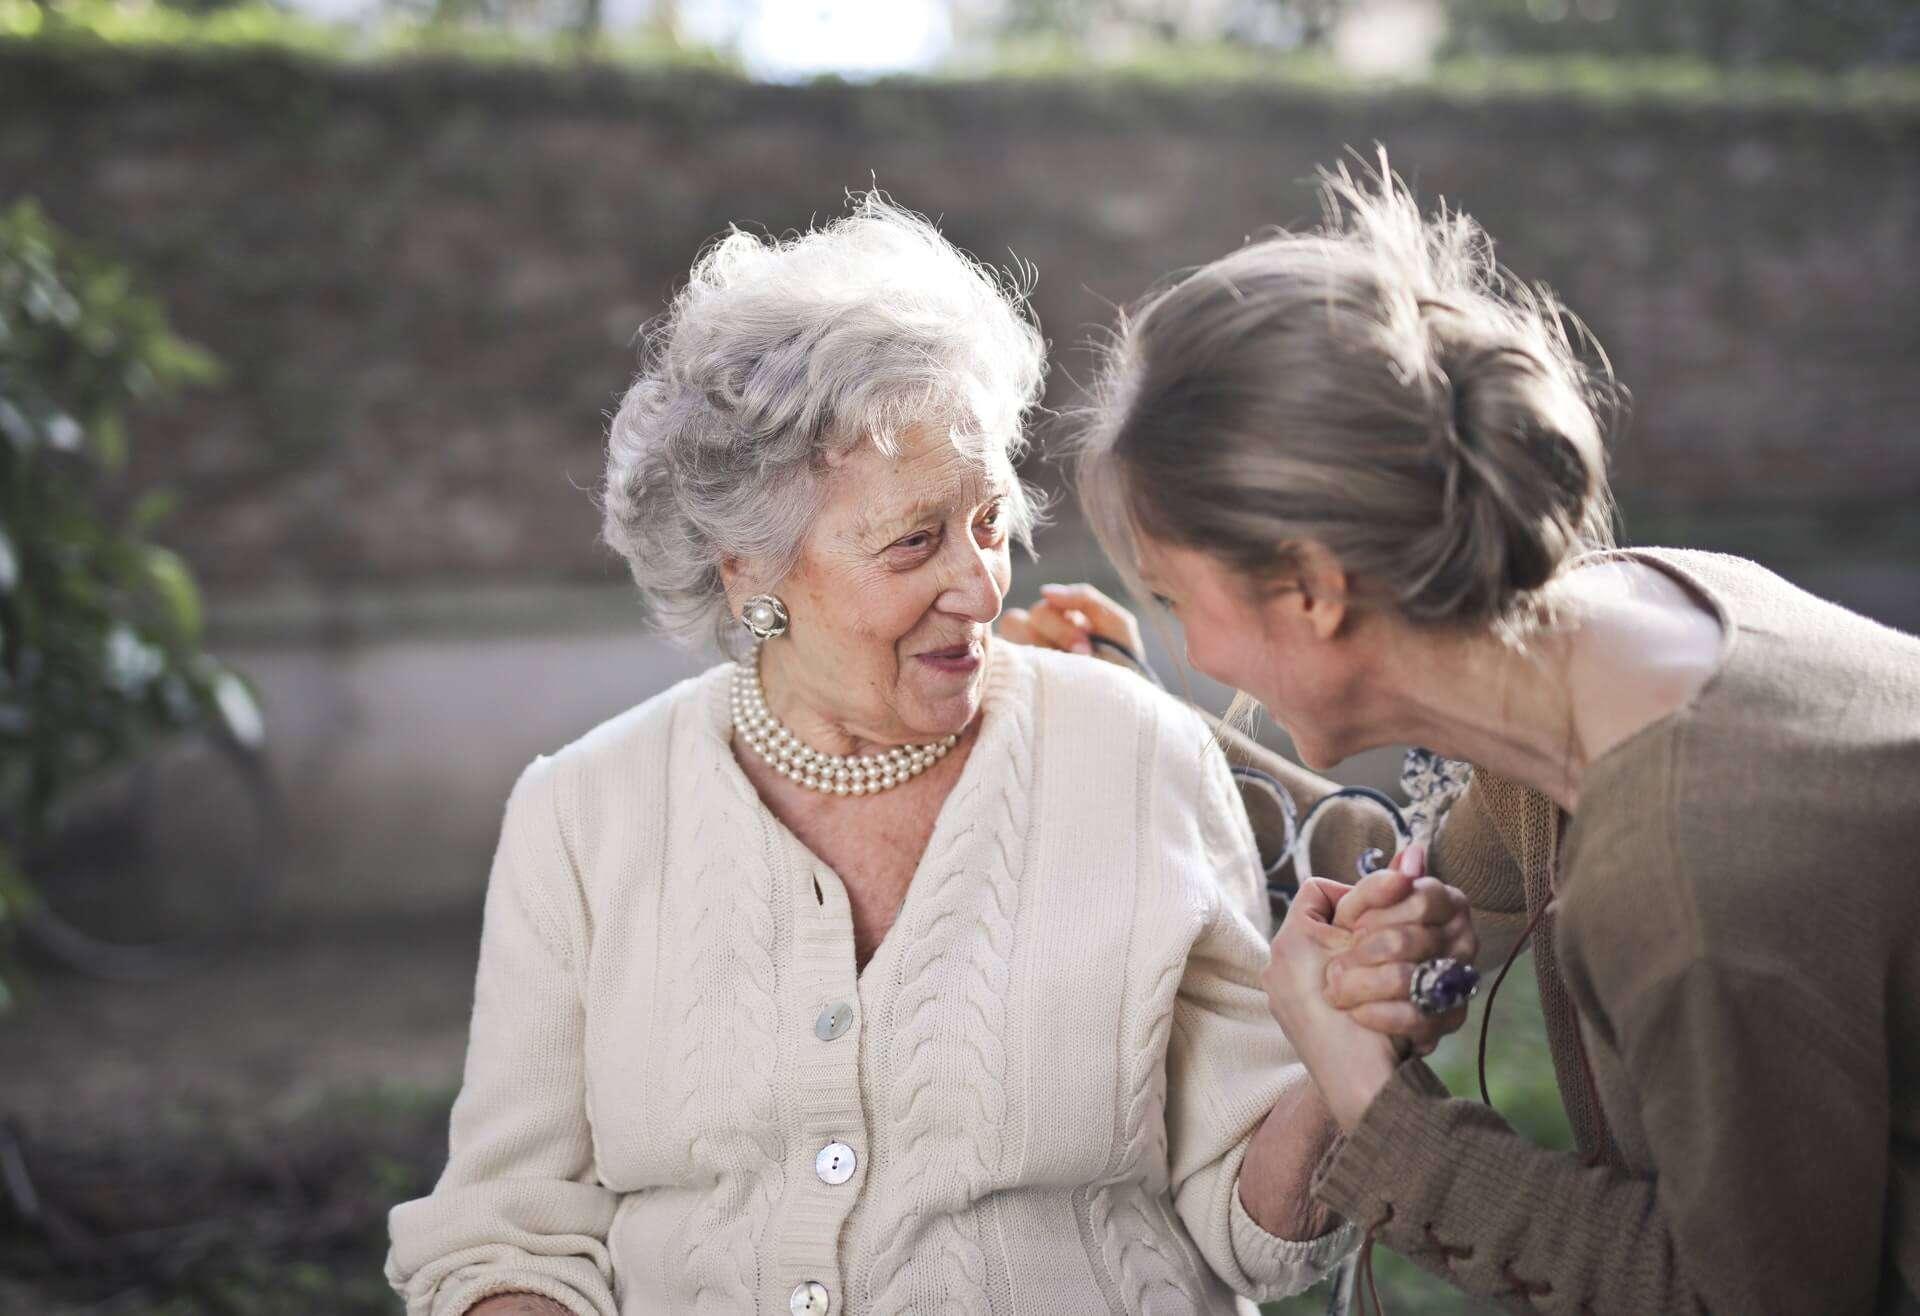 Building Confidence in Seniors